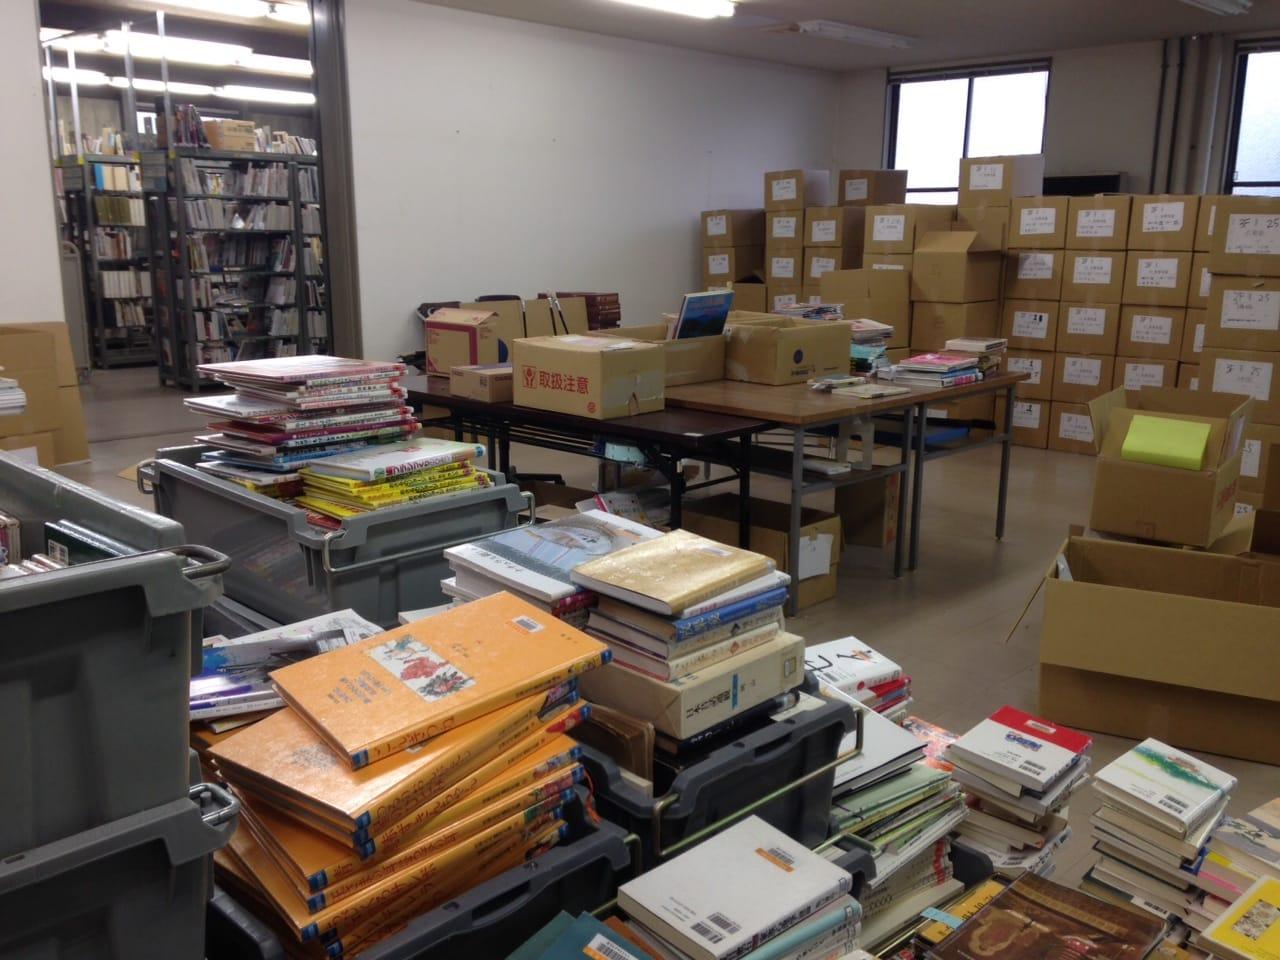 新しい図書館へ本を移動するために、ひたすら仕分け作業が続く。